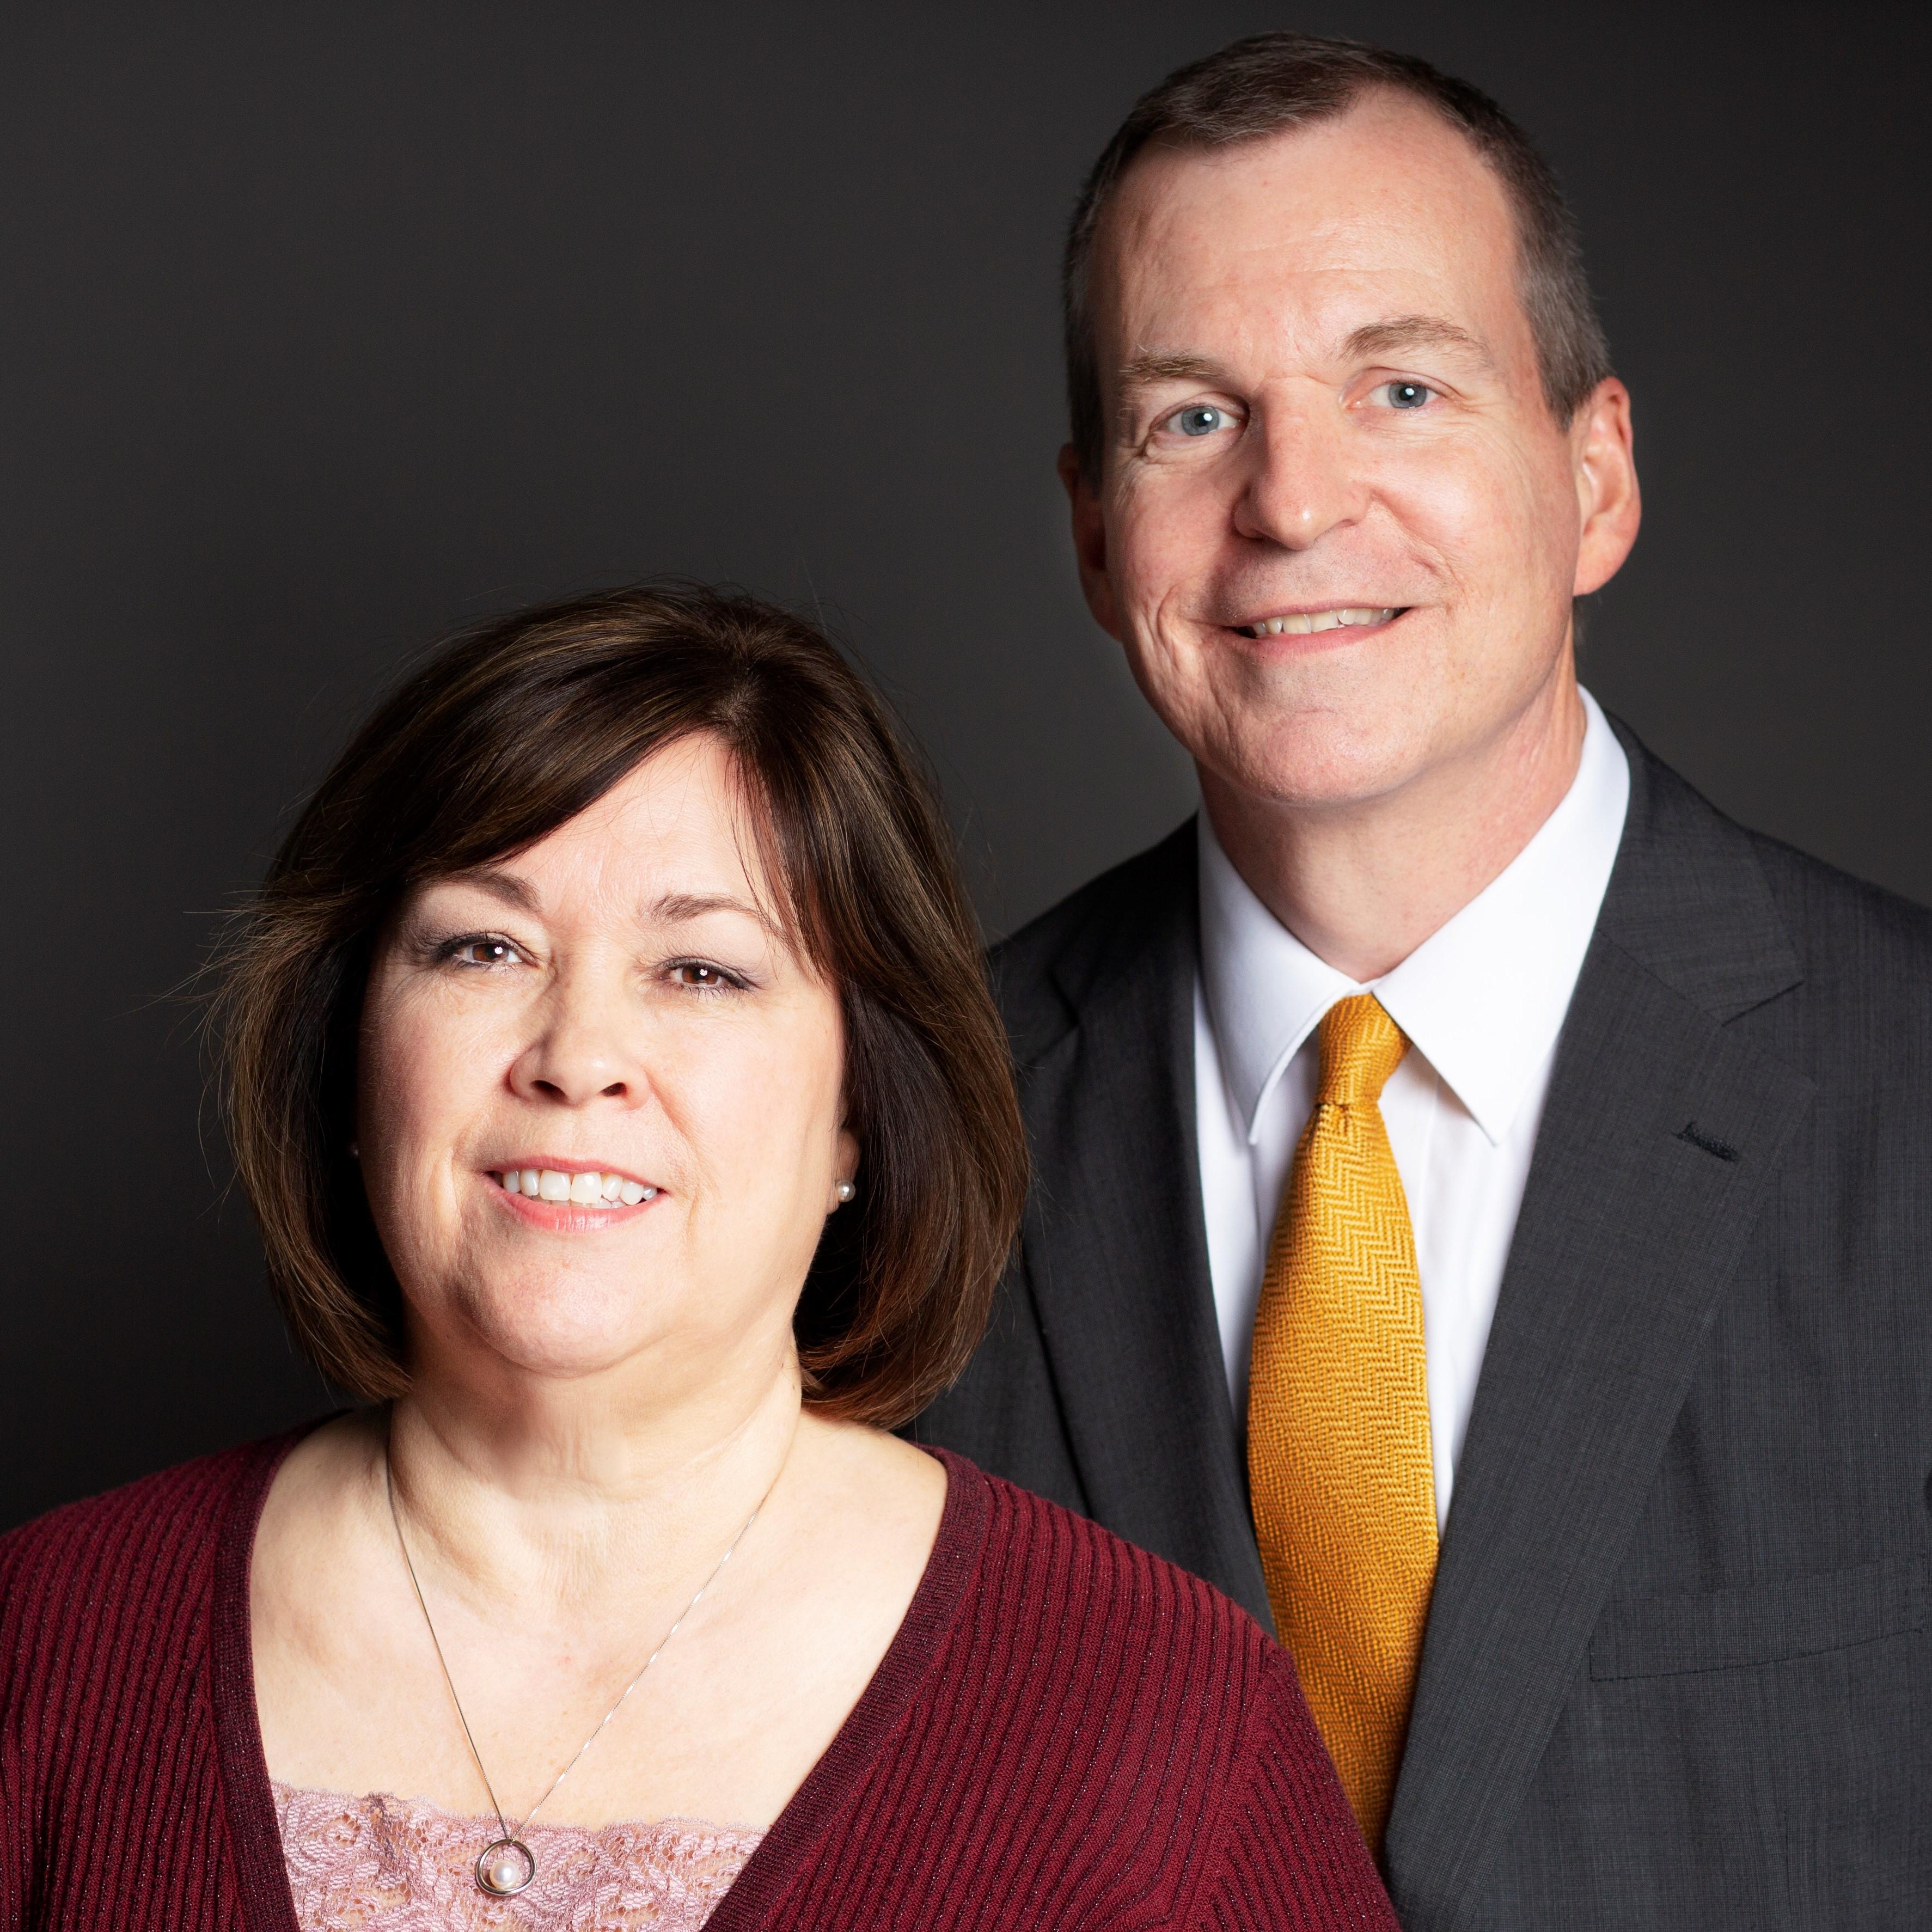 Juanita and Gary J. Severson